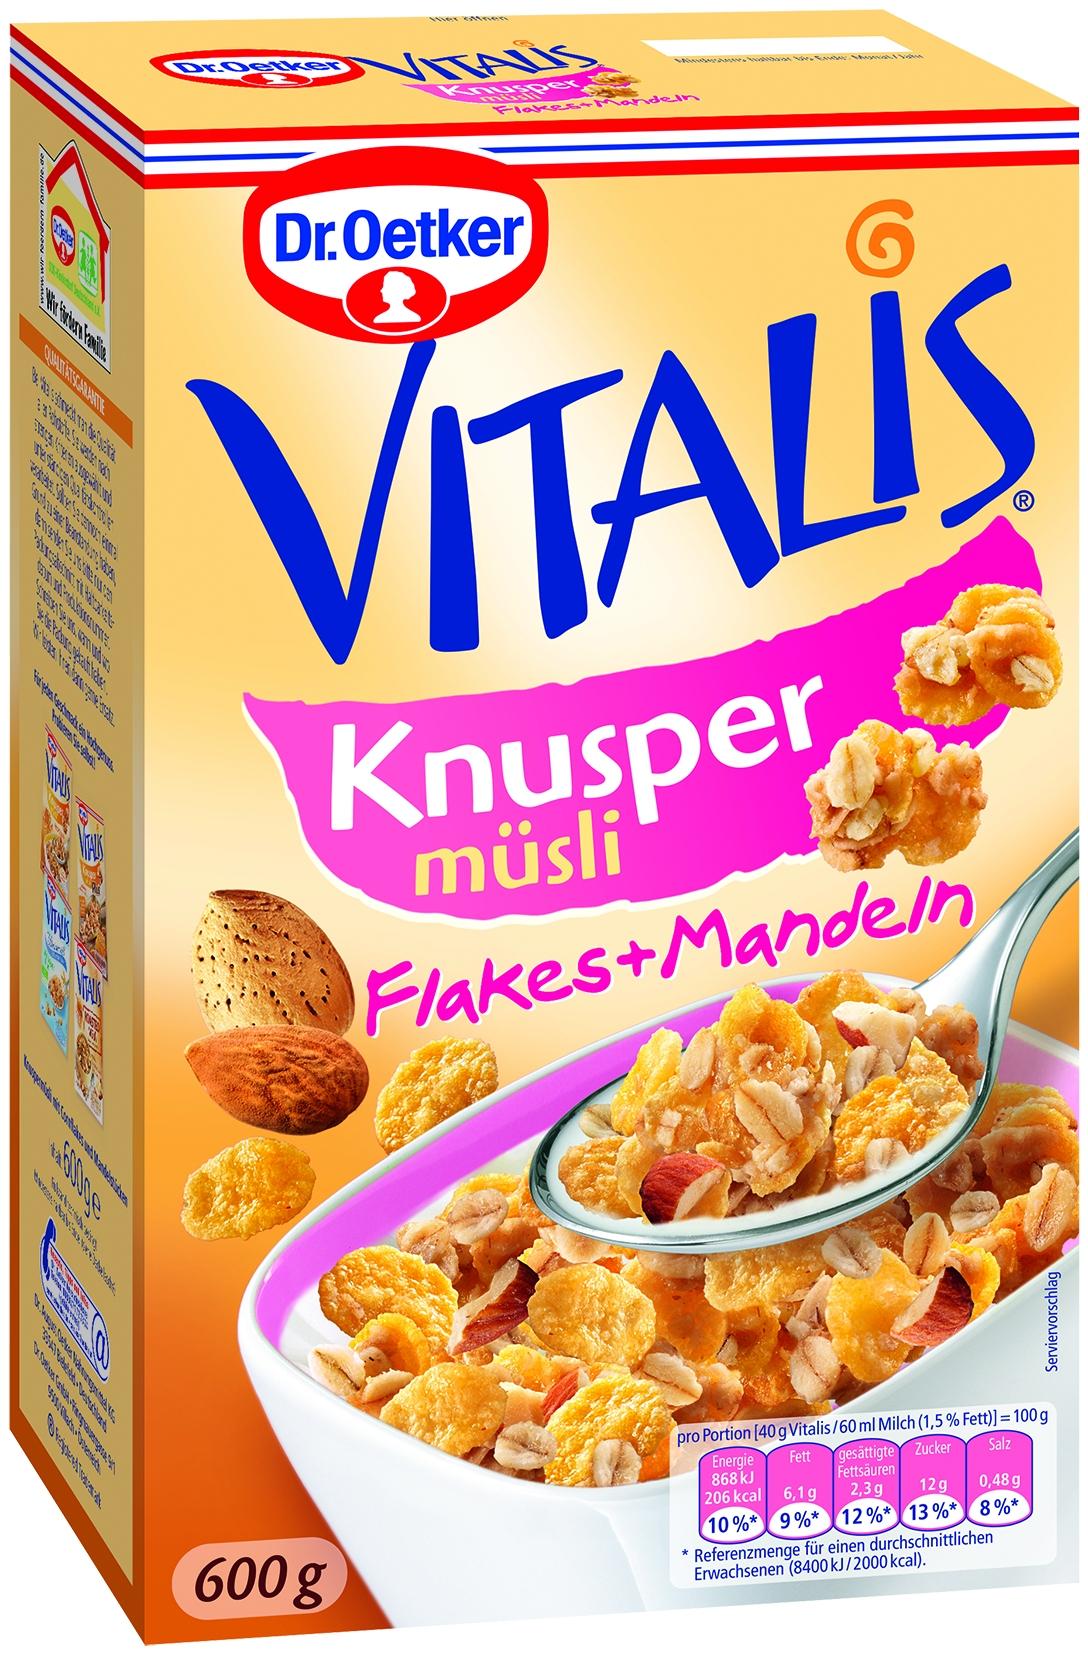 Vitalis Knusperflakes